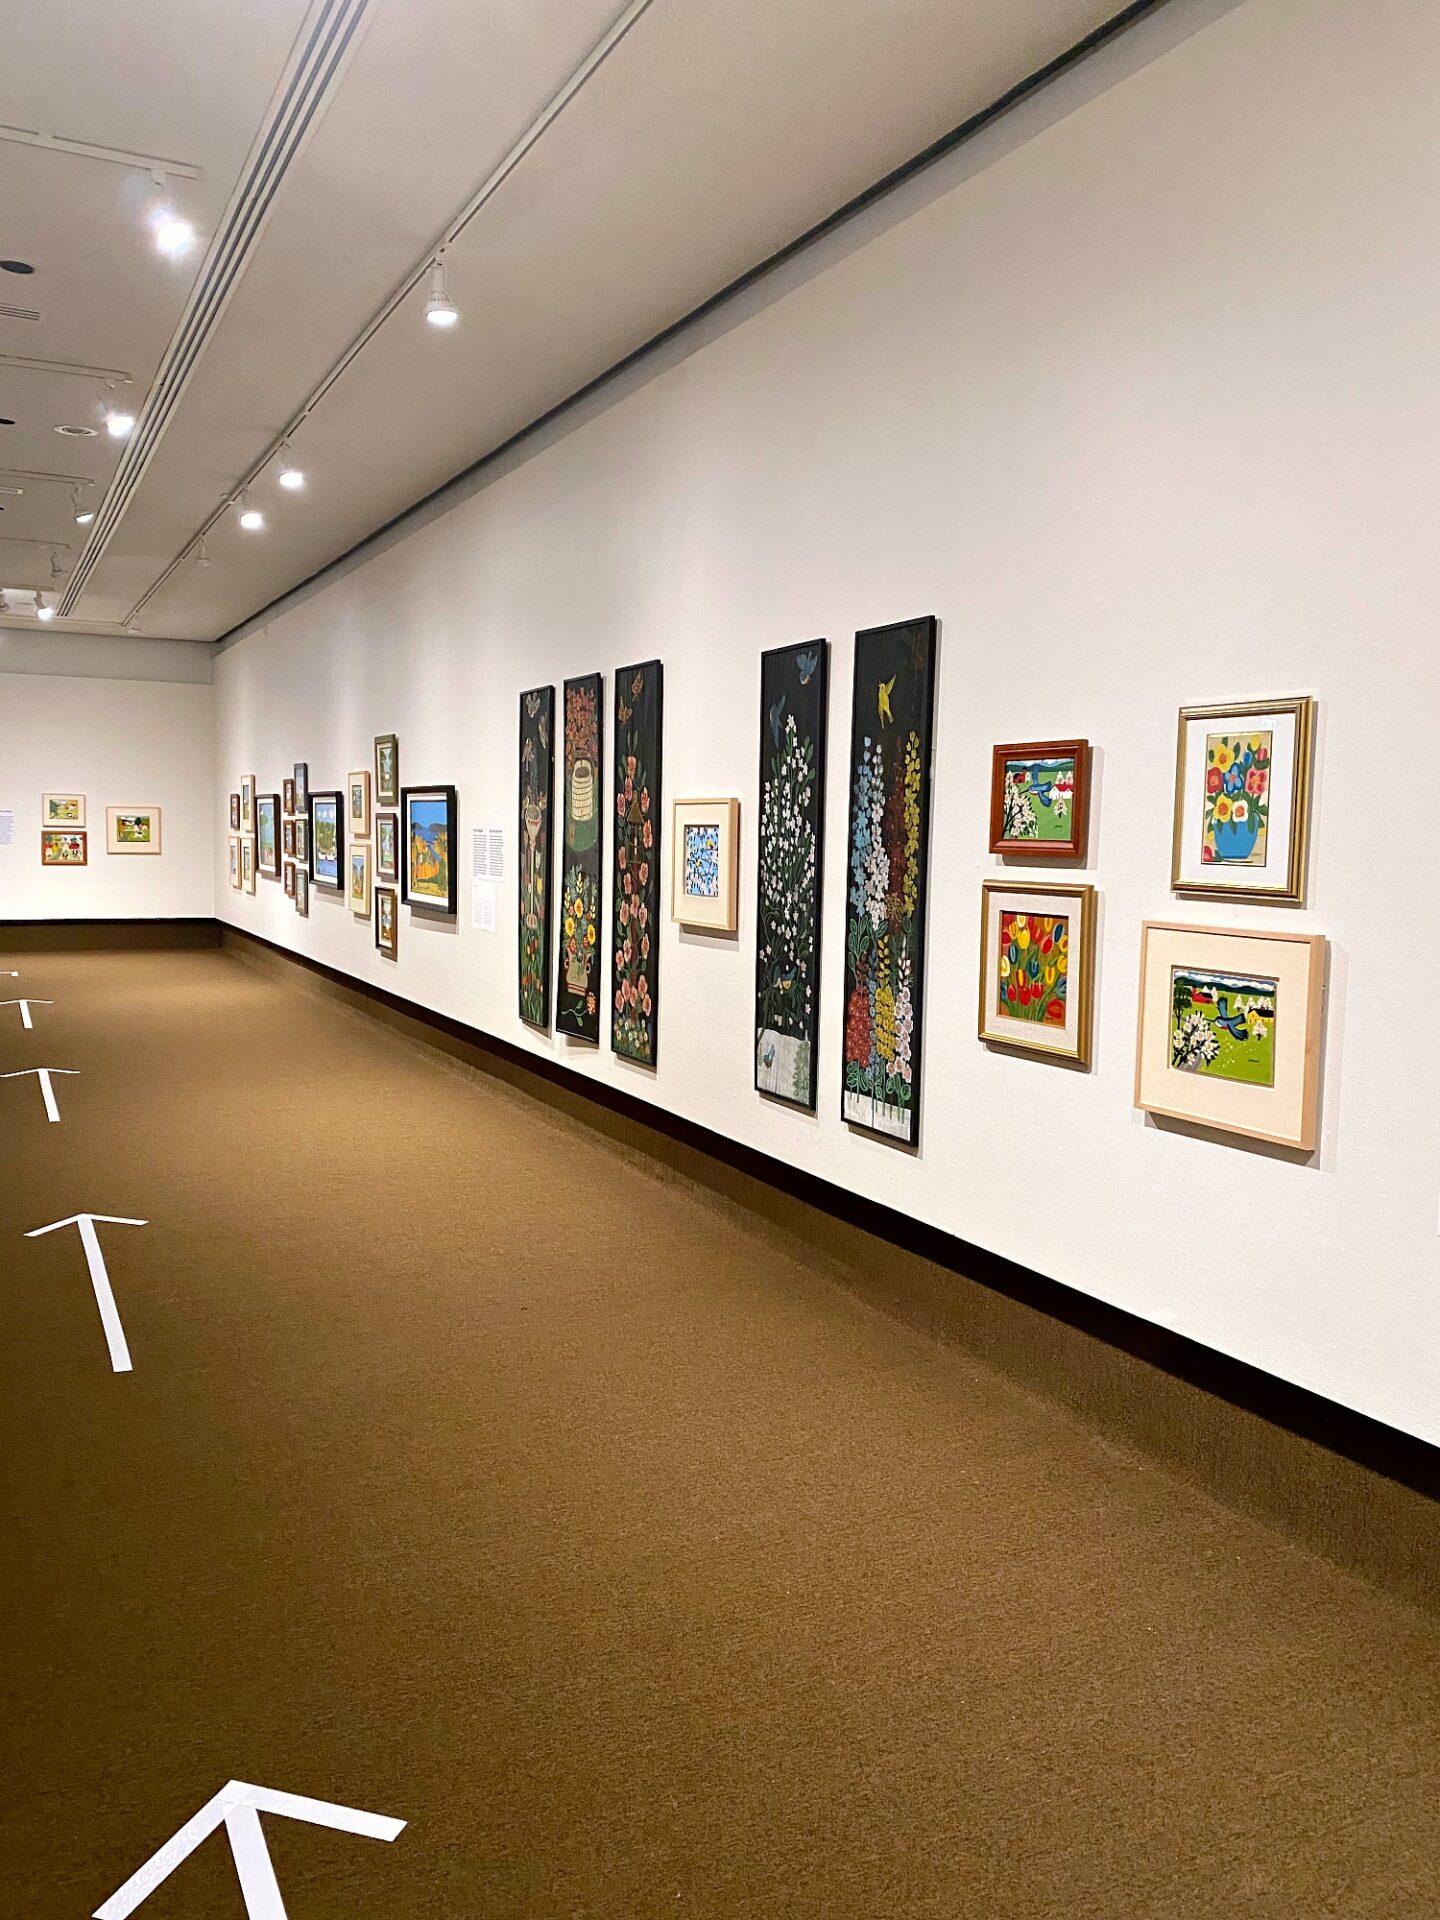 Exposition de l'artiste folk canadien Maud Lewis